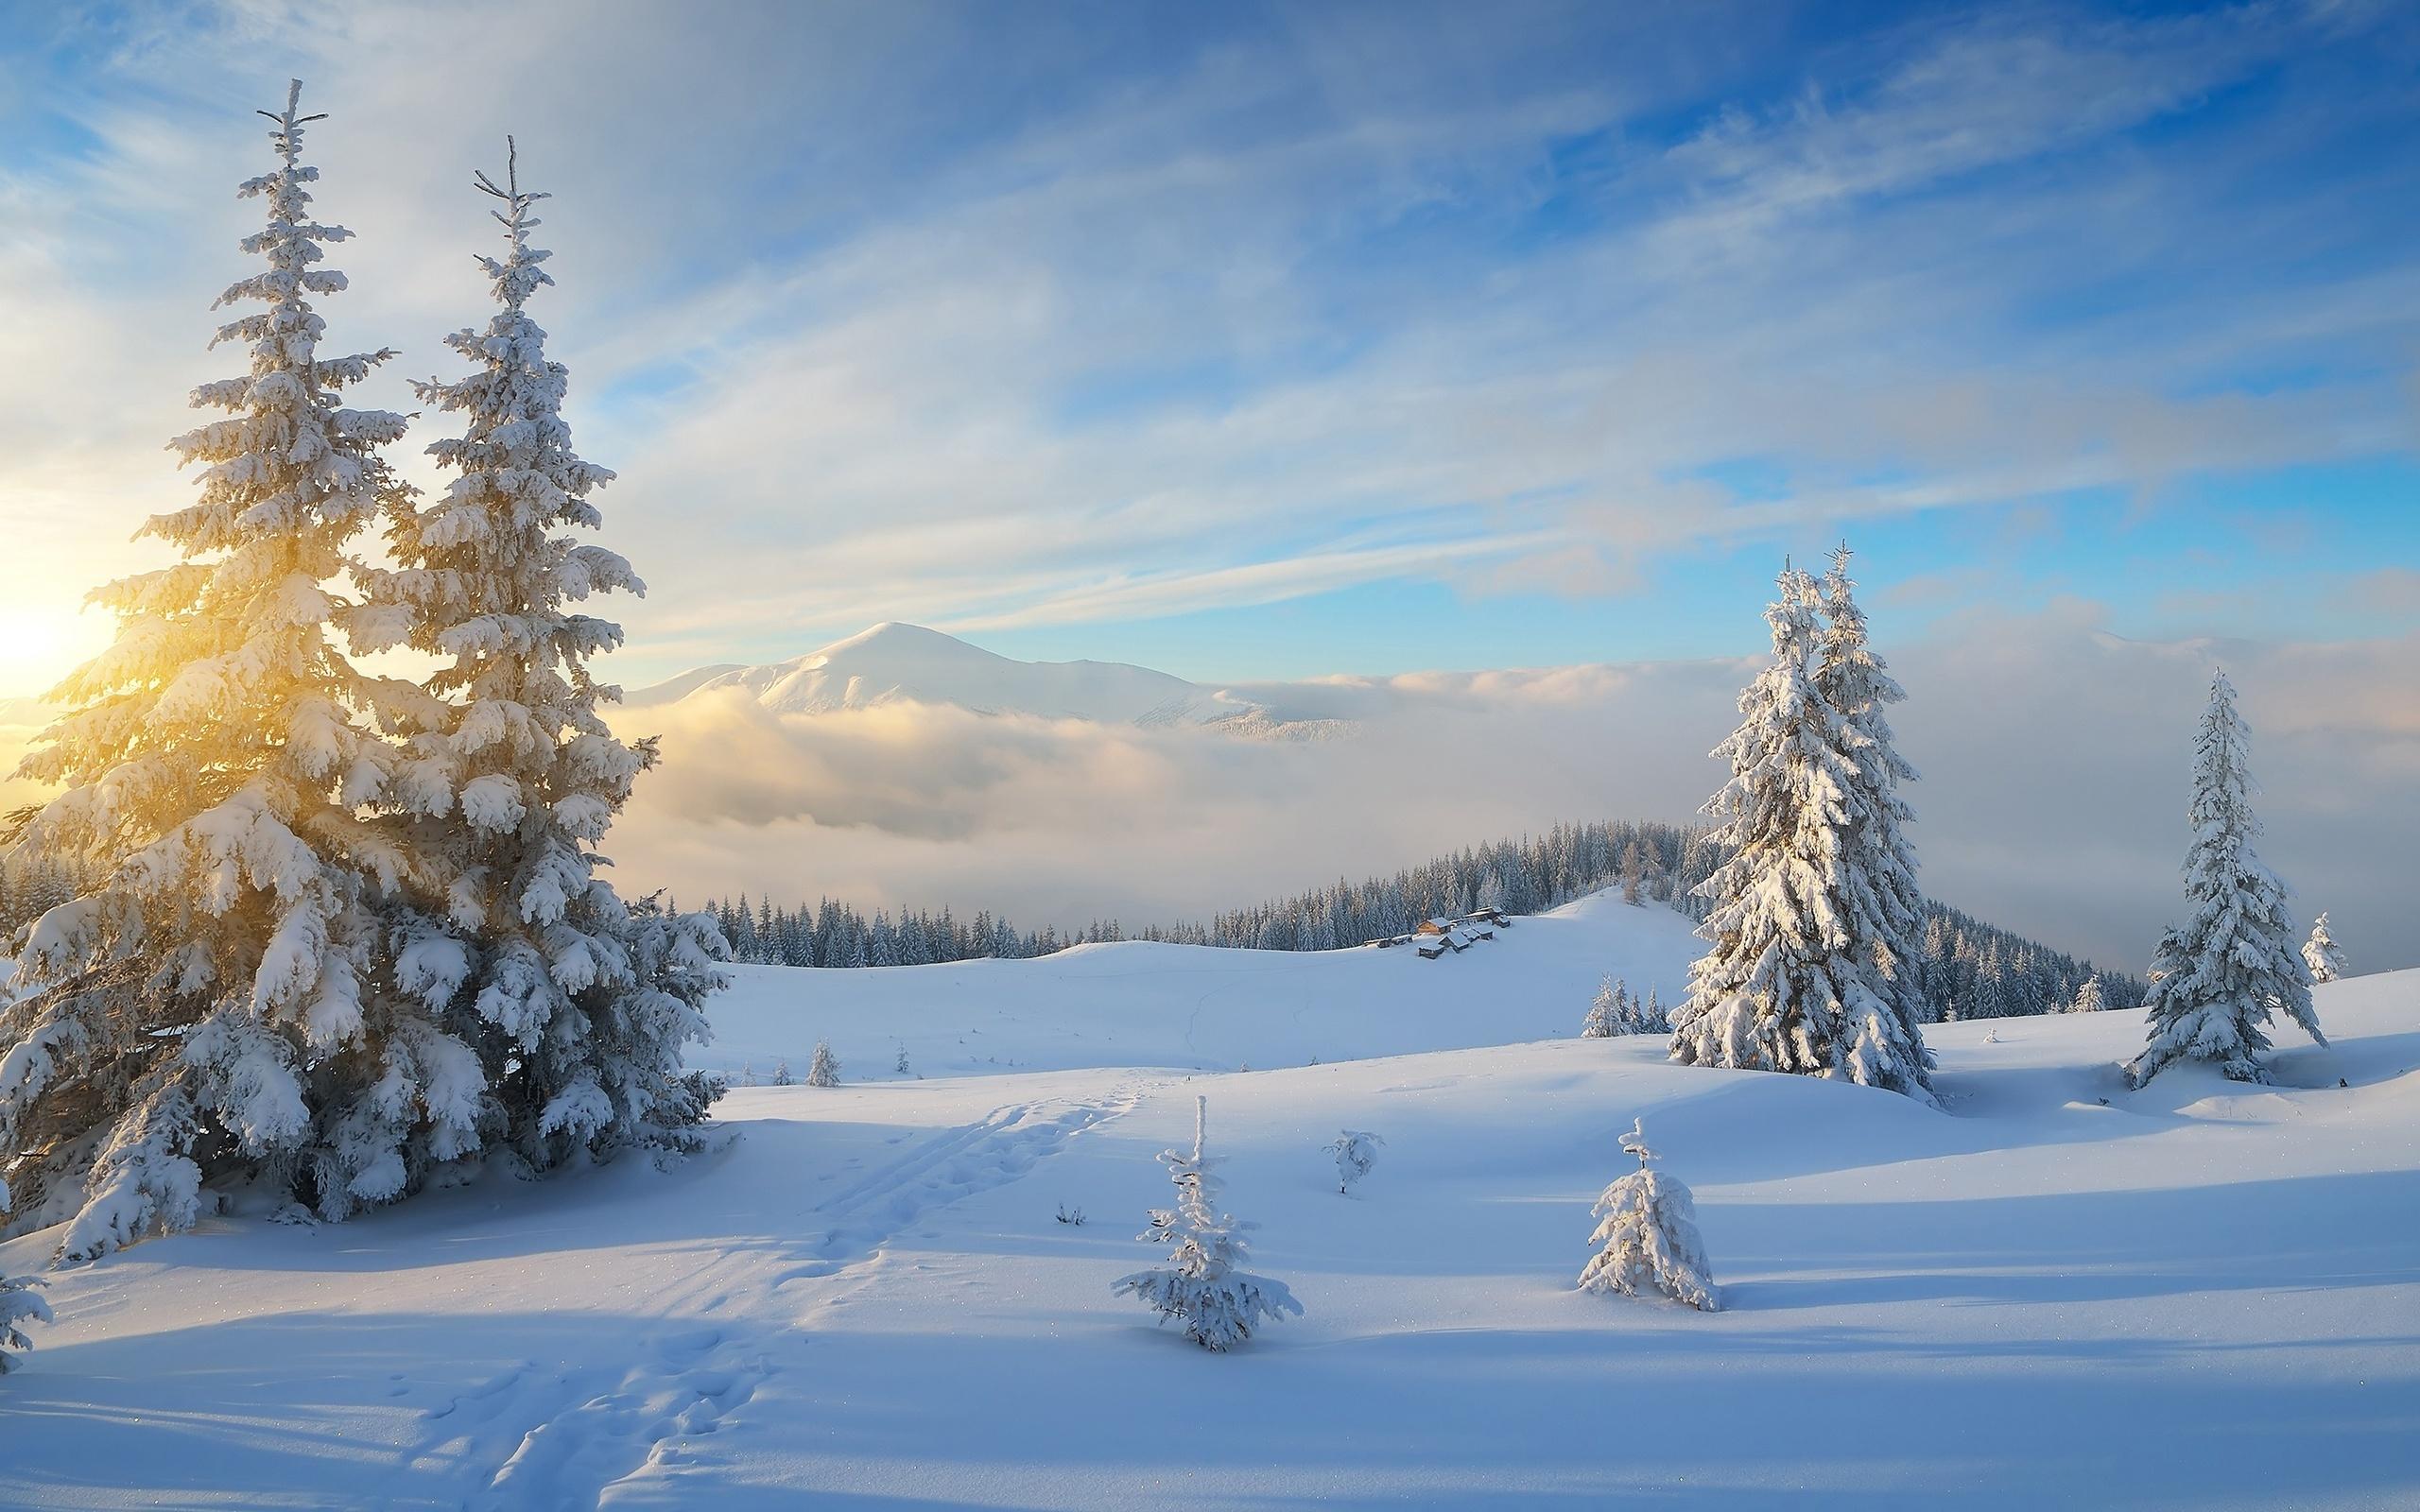 природа, пейзаж, зима, снег, горы, деревья, ели, лес, облака, следы, дома, деревня